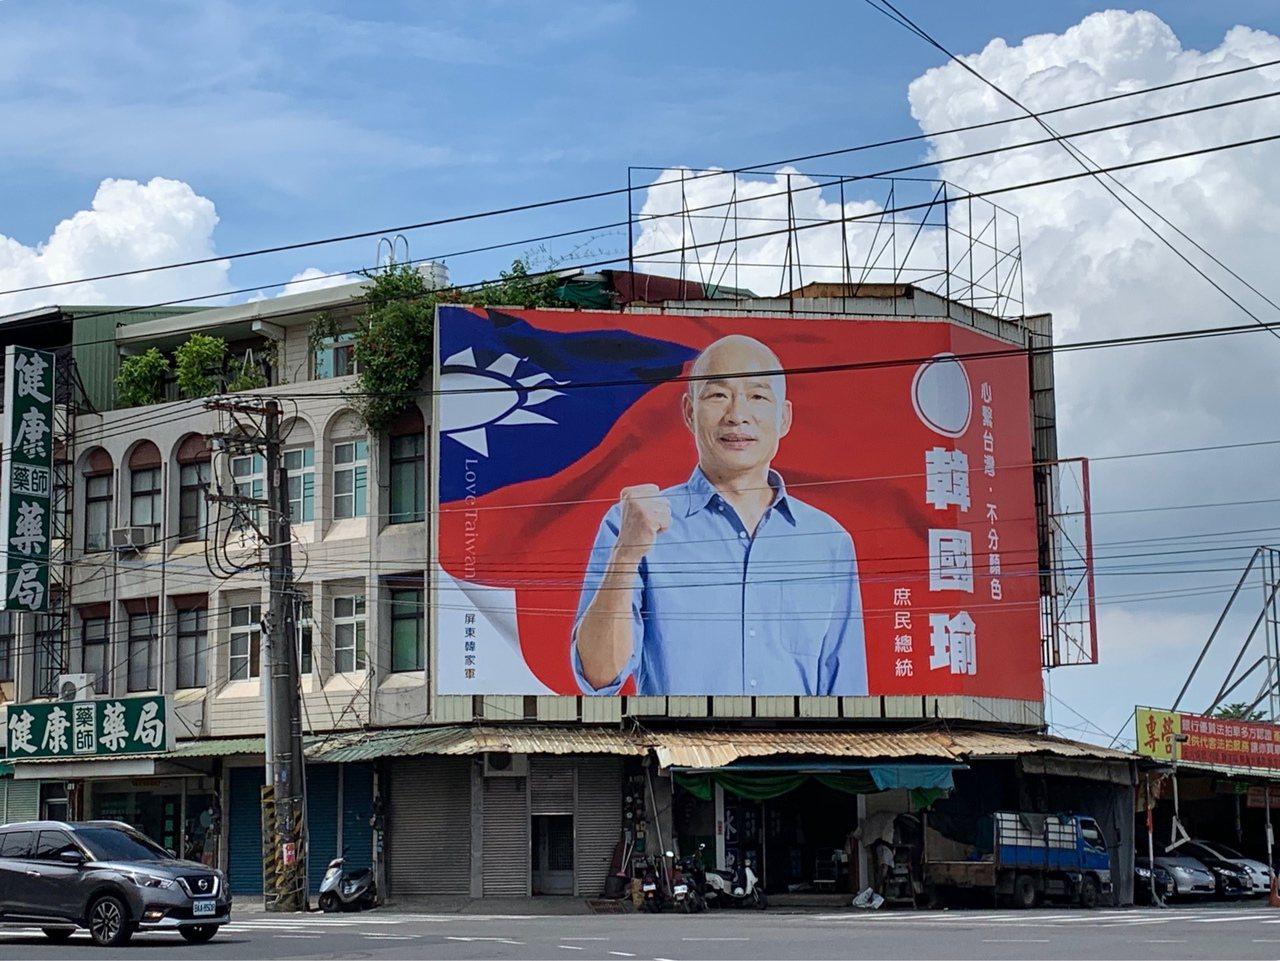 这几天在屏东市街头已经可见韩国瑜的参选看板。记者翁祯霞/摄影